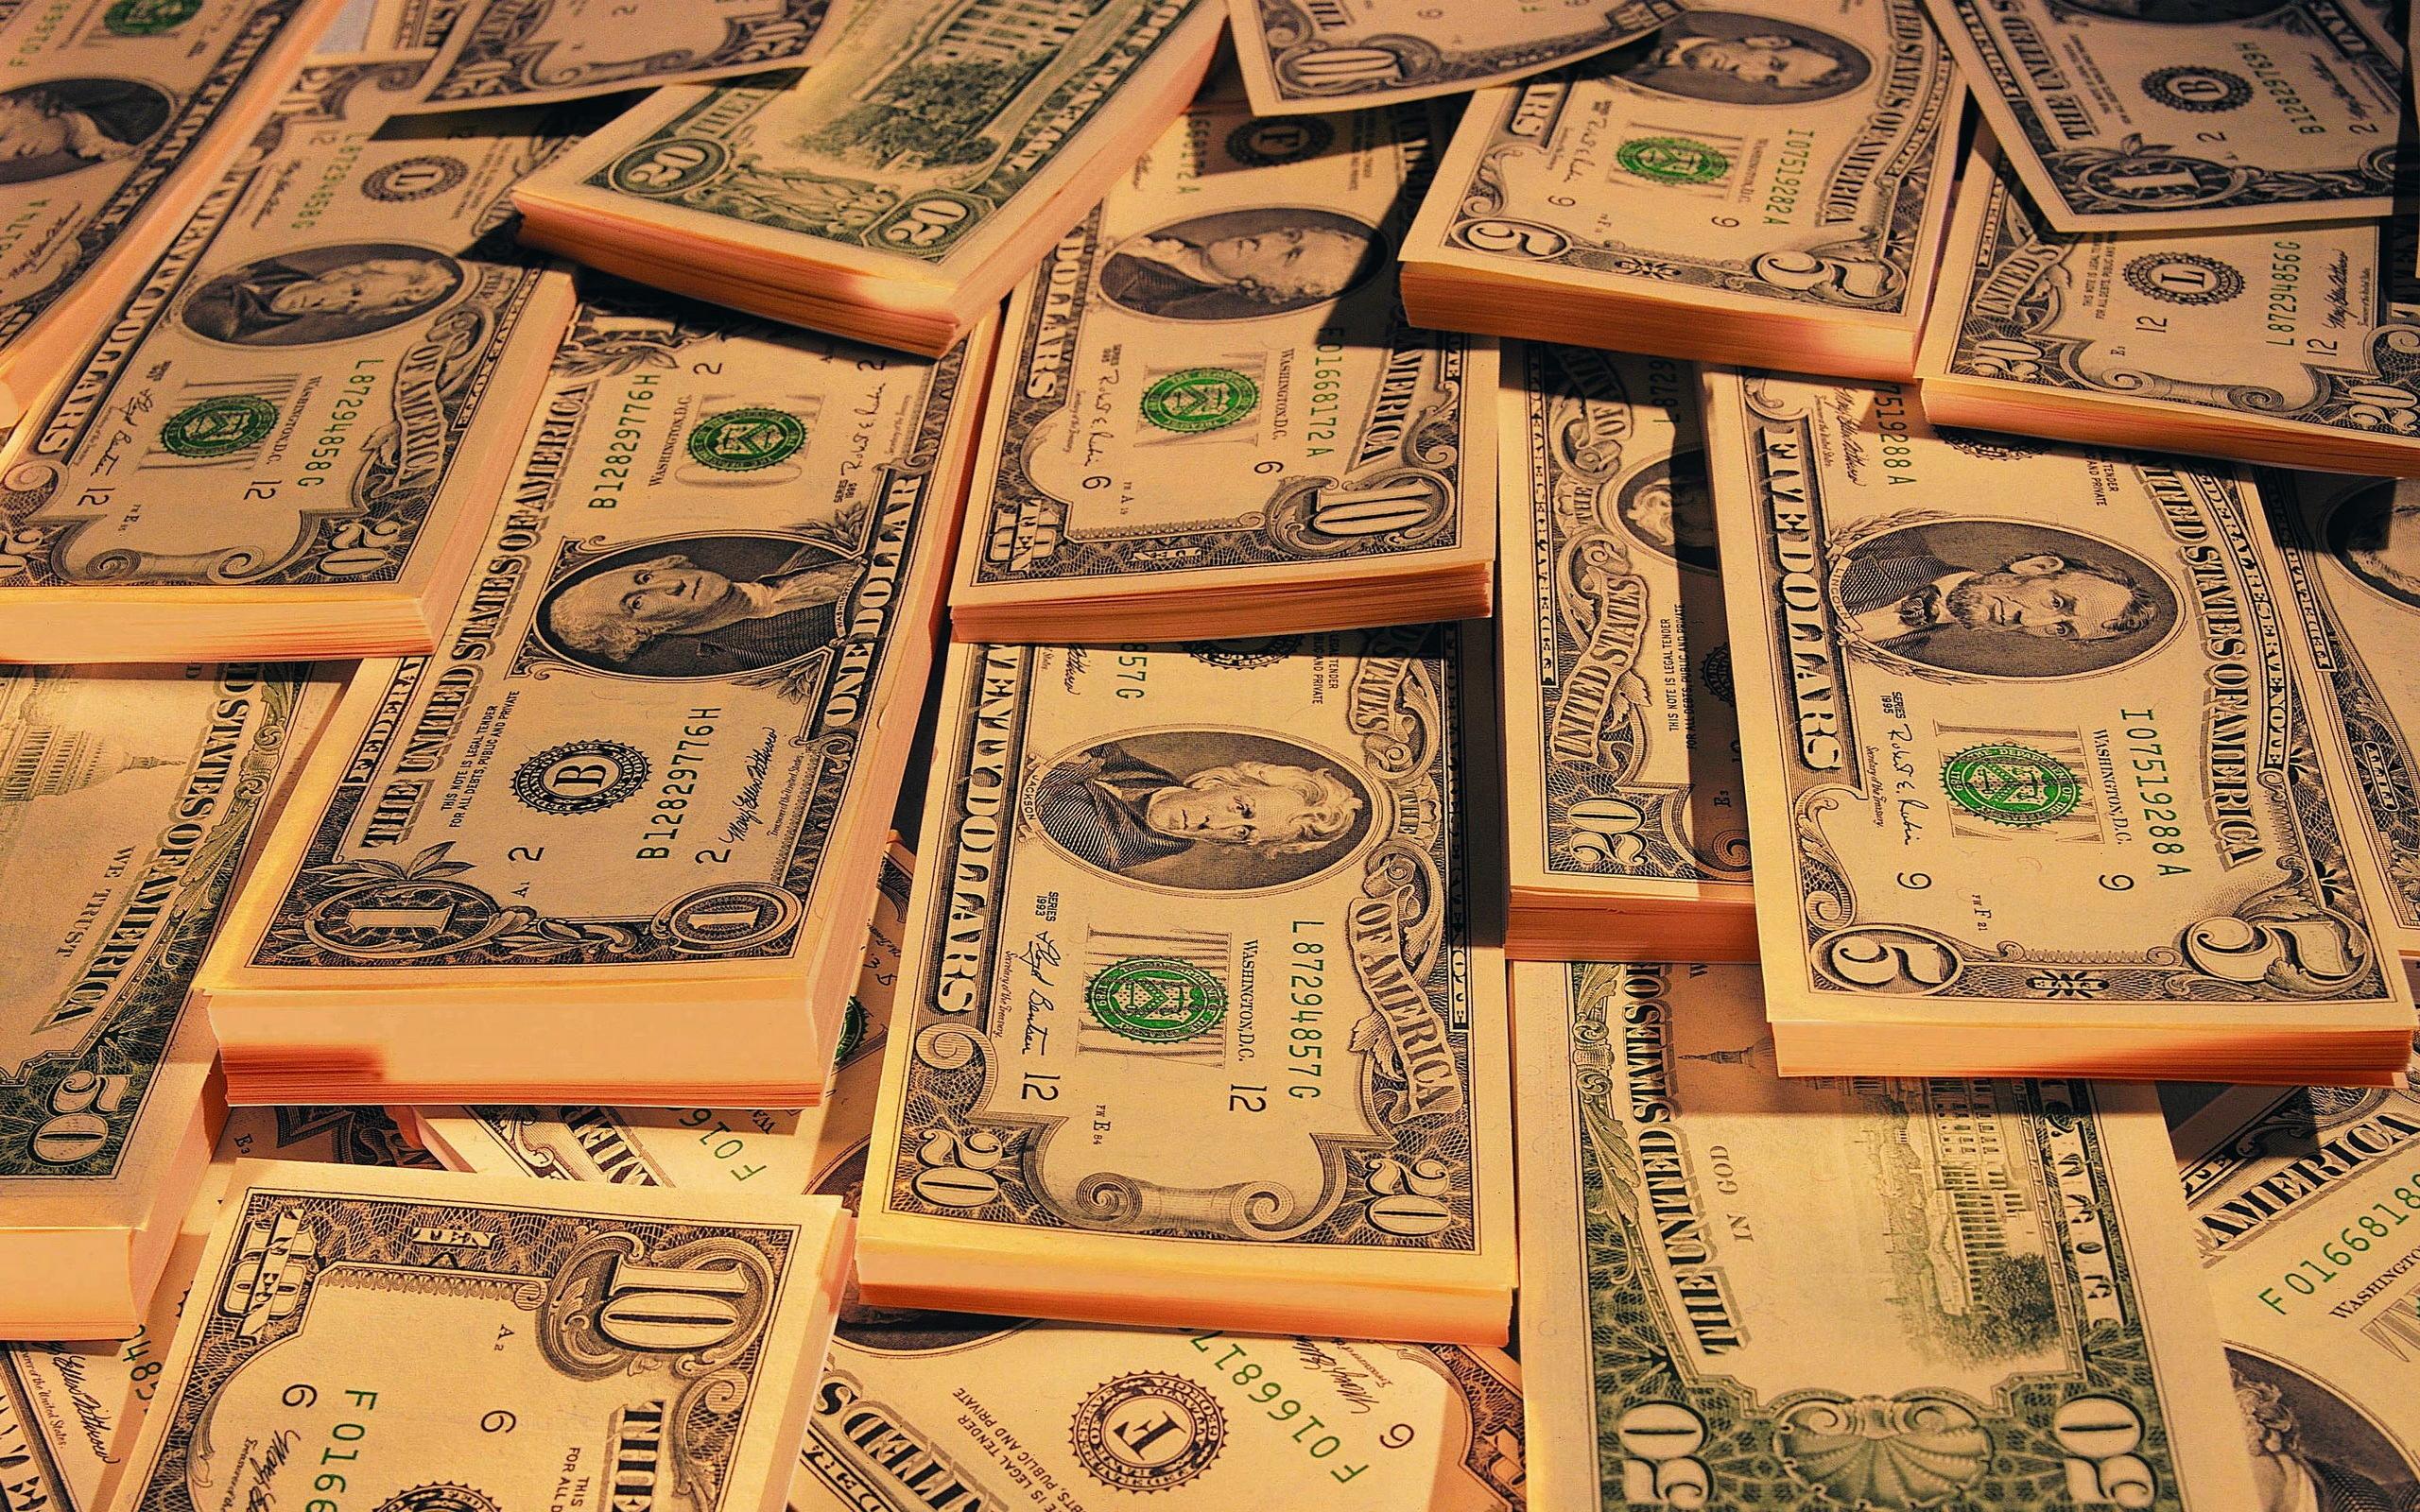 обои доллары, банкноты, купюры, пачки картинки фото